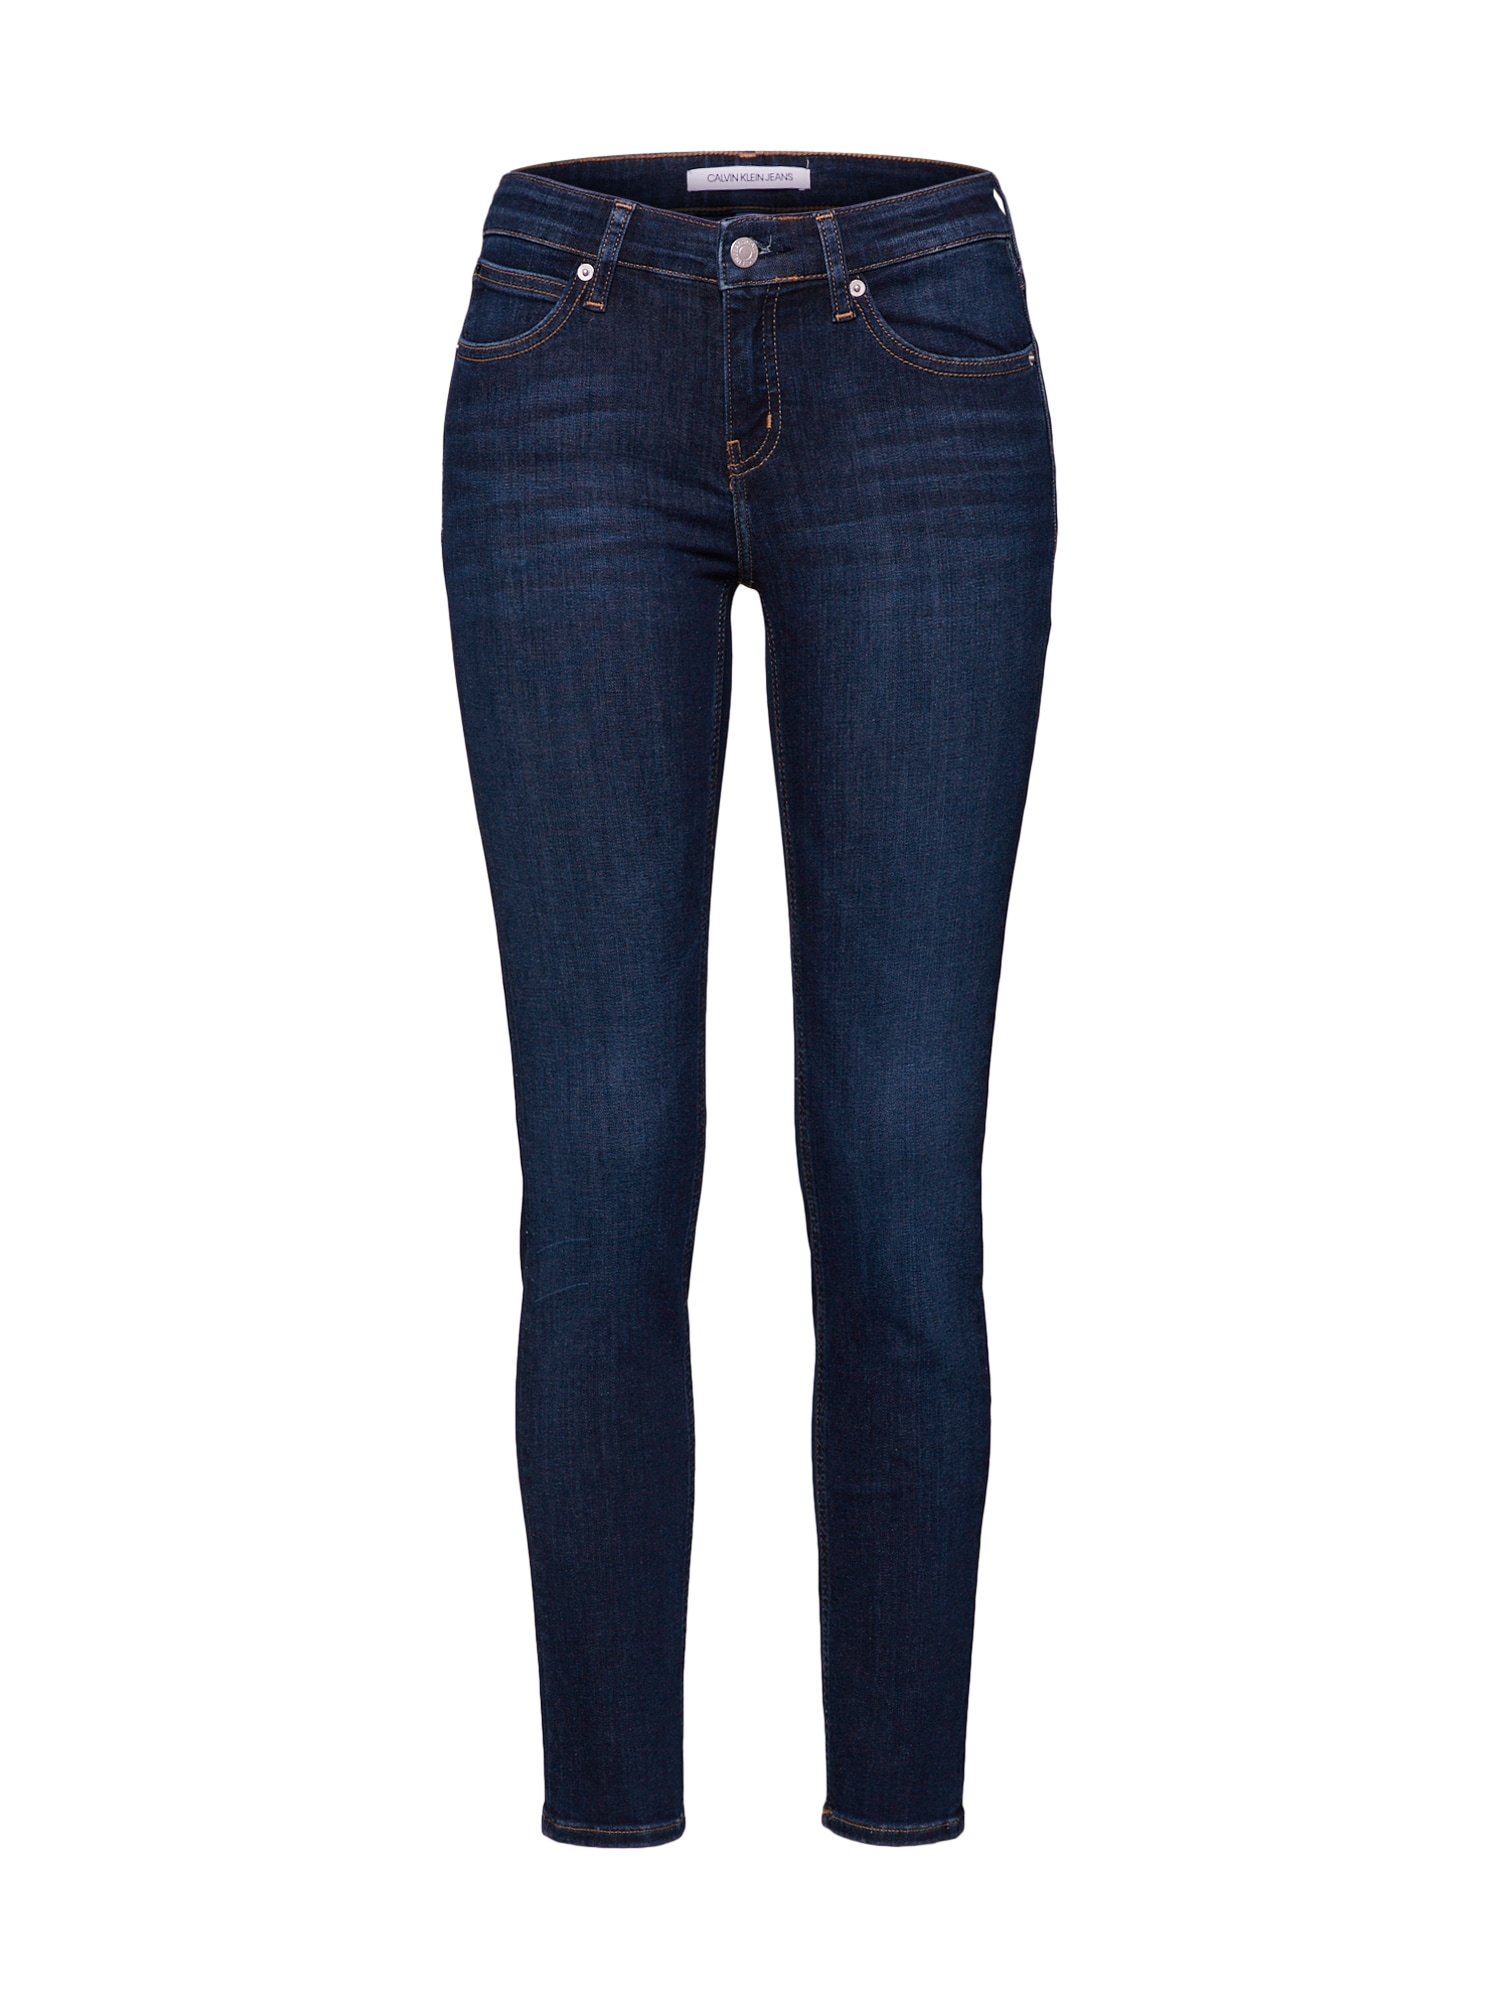 Džíny CKJ 022 BODY námořnická modř Calvin Klein Jeans